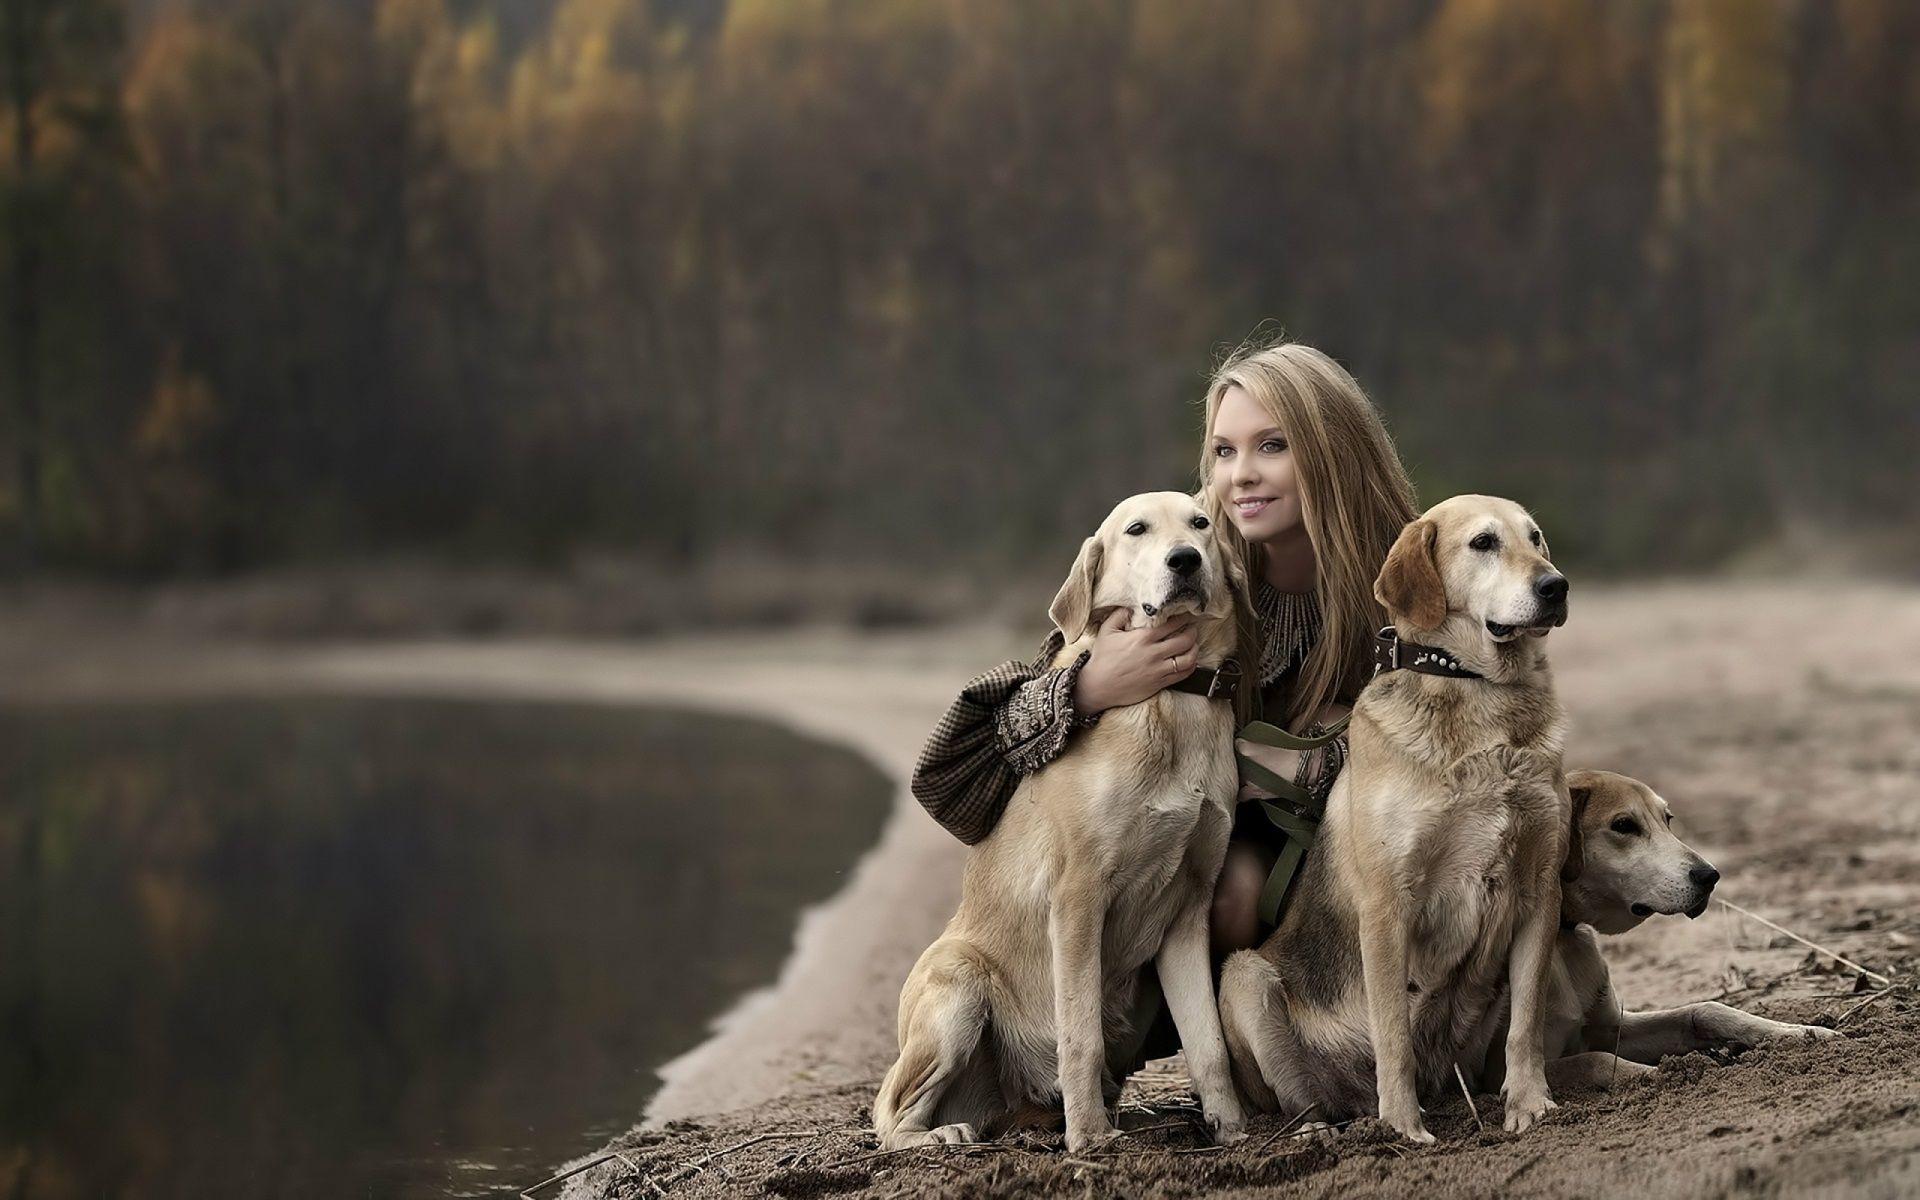 выполненная фото для жены животных этом выдержка